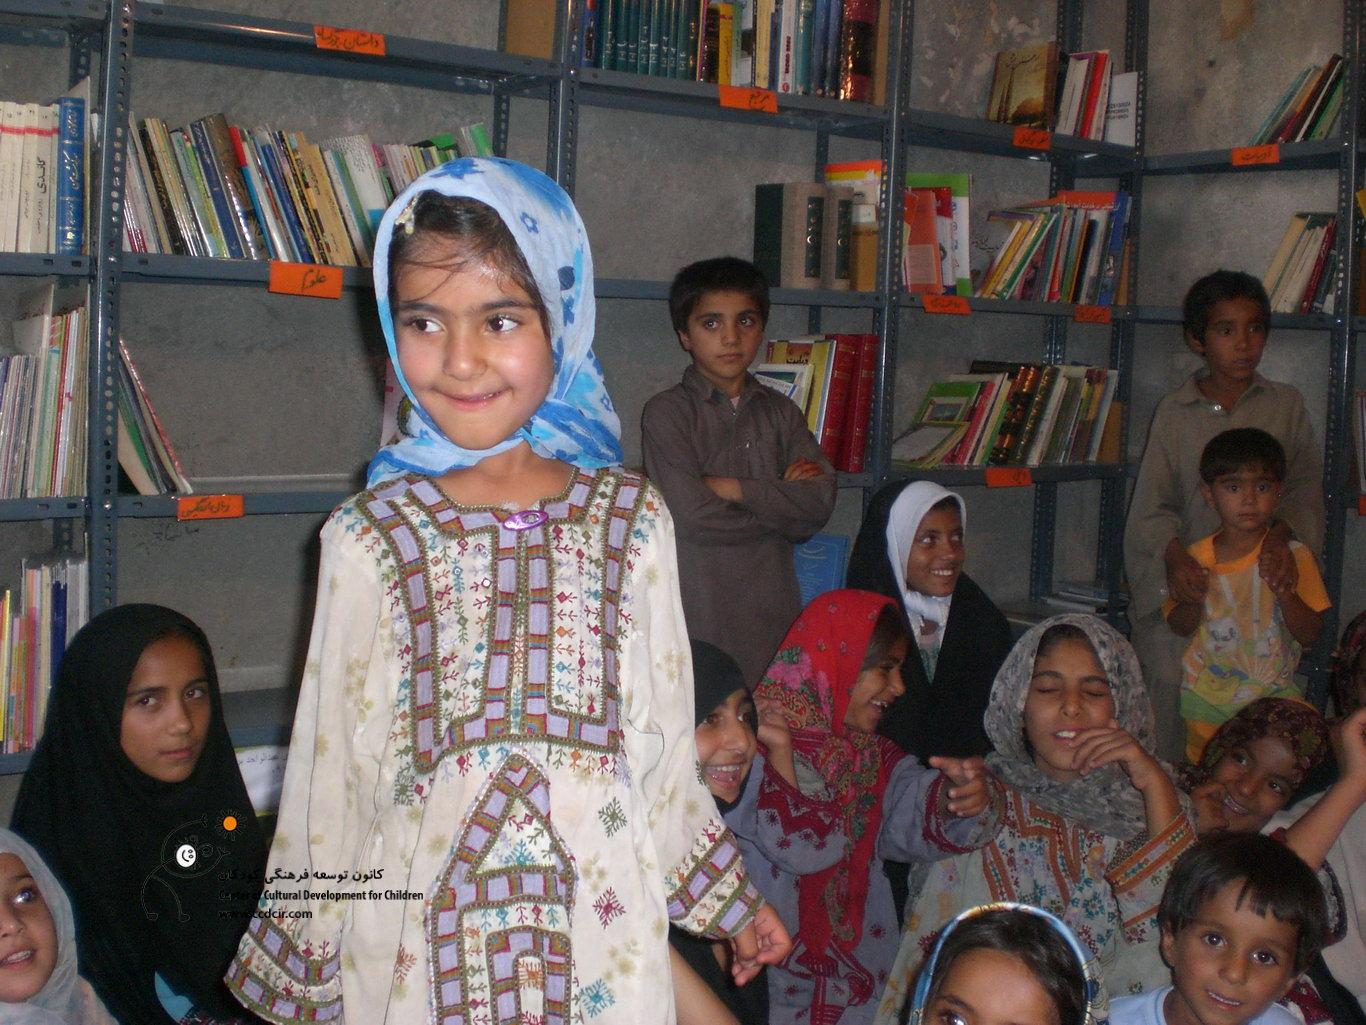 بچه ها لباس های محلی خود را به ما نشان می دهند